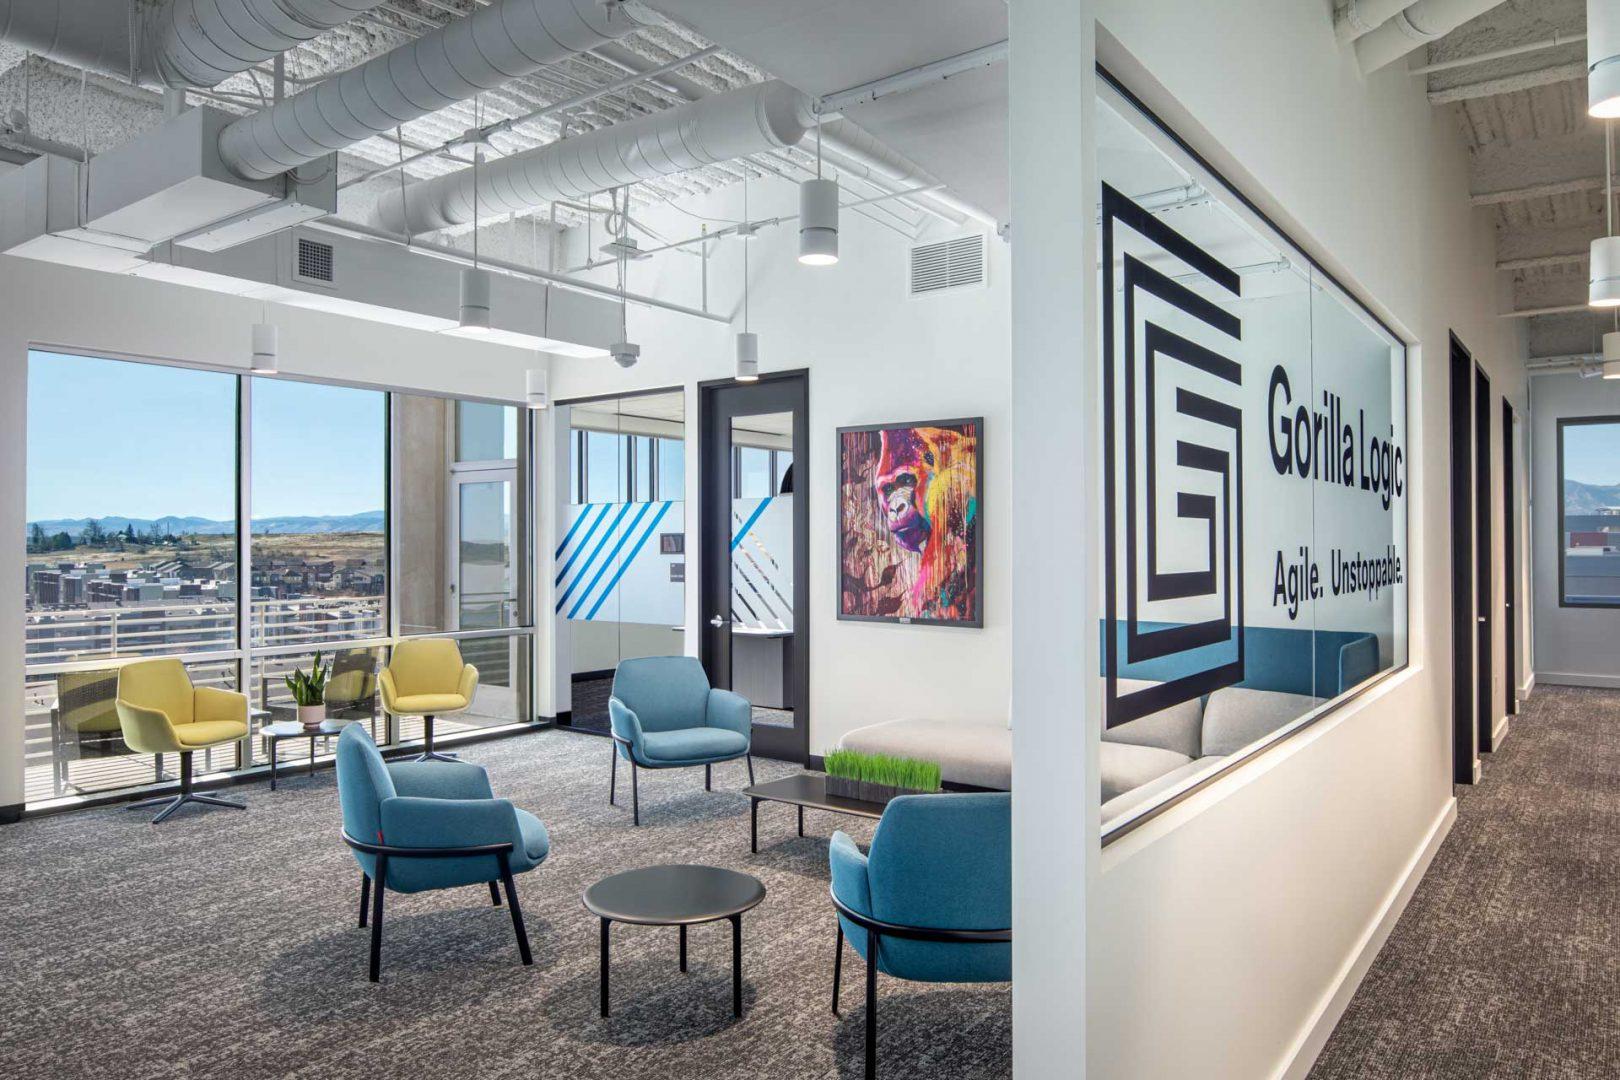 office reception area design Gorilla Logic Denver office